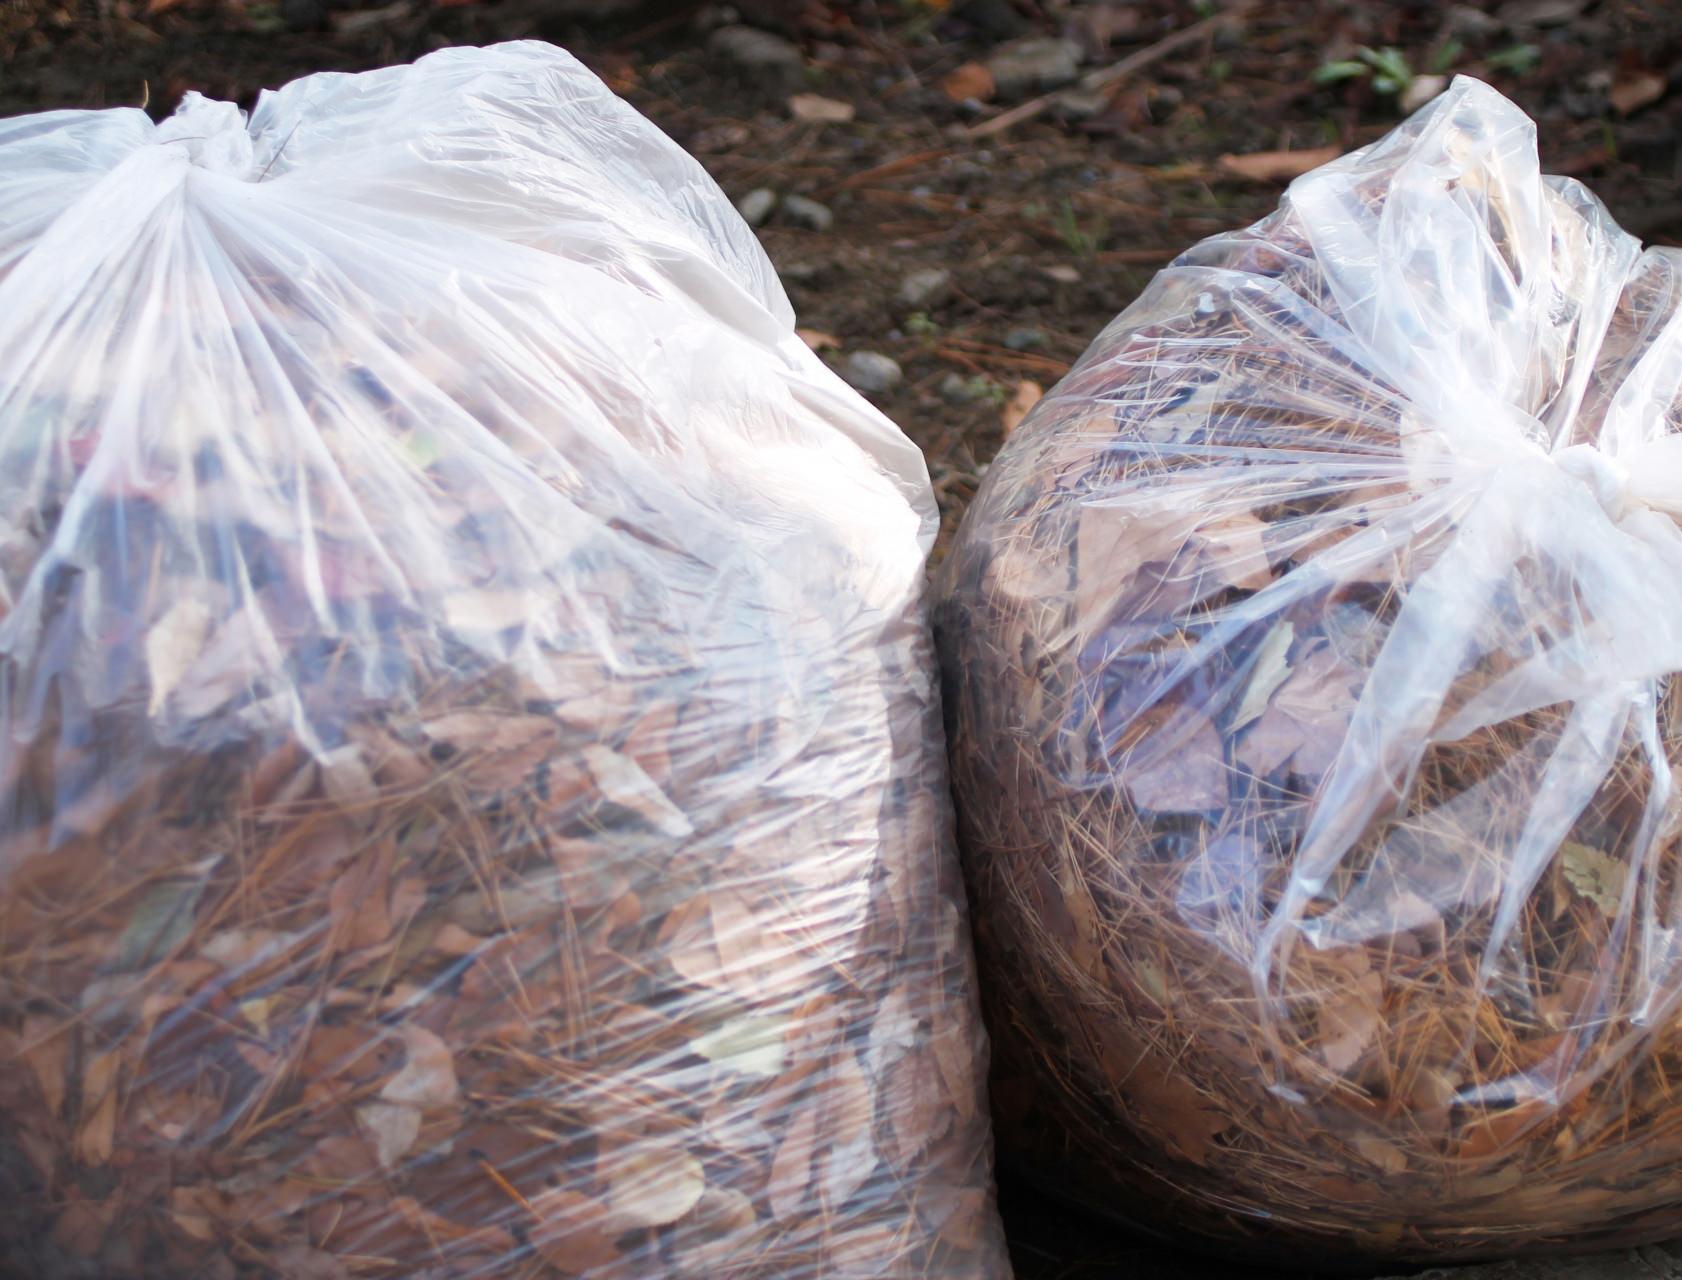 ゴミ袋を無駄なく・賢く使うための秘訣を知ろう!